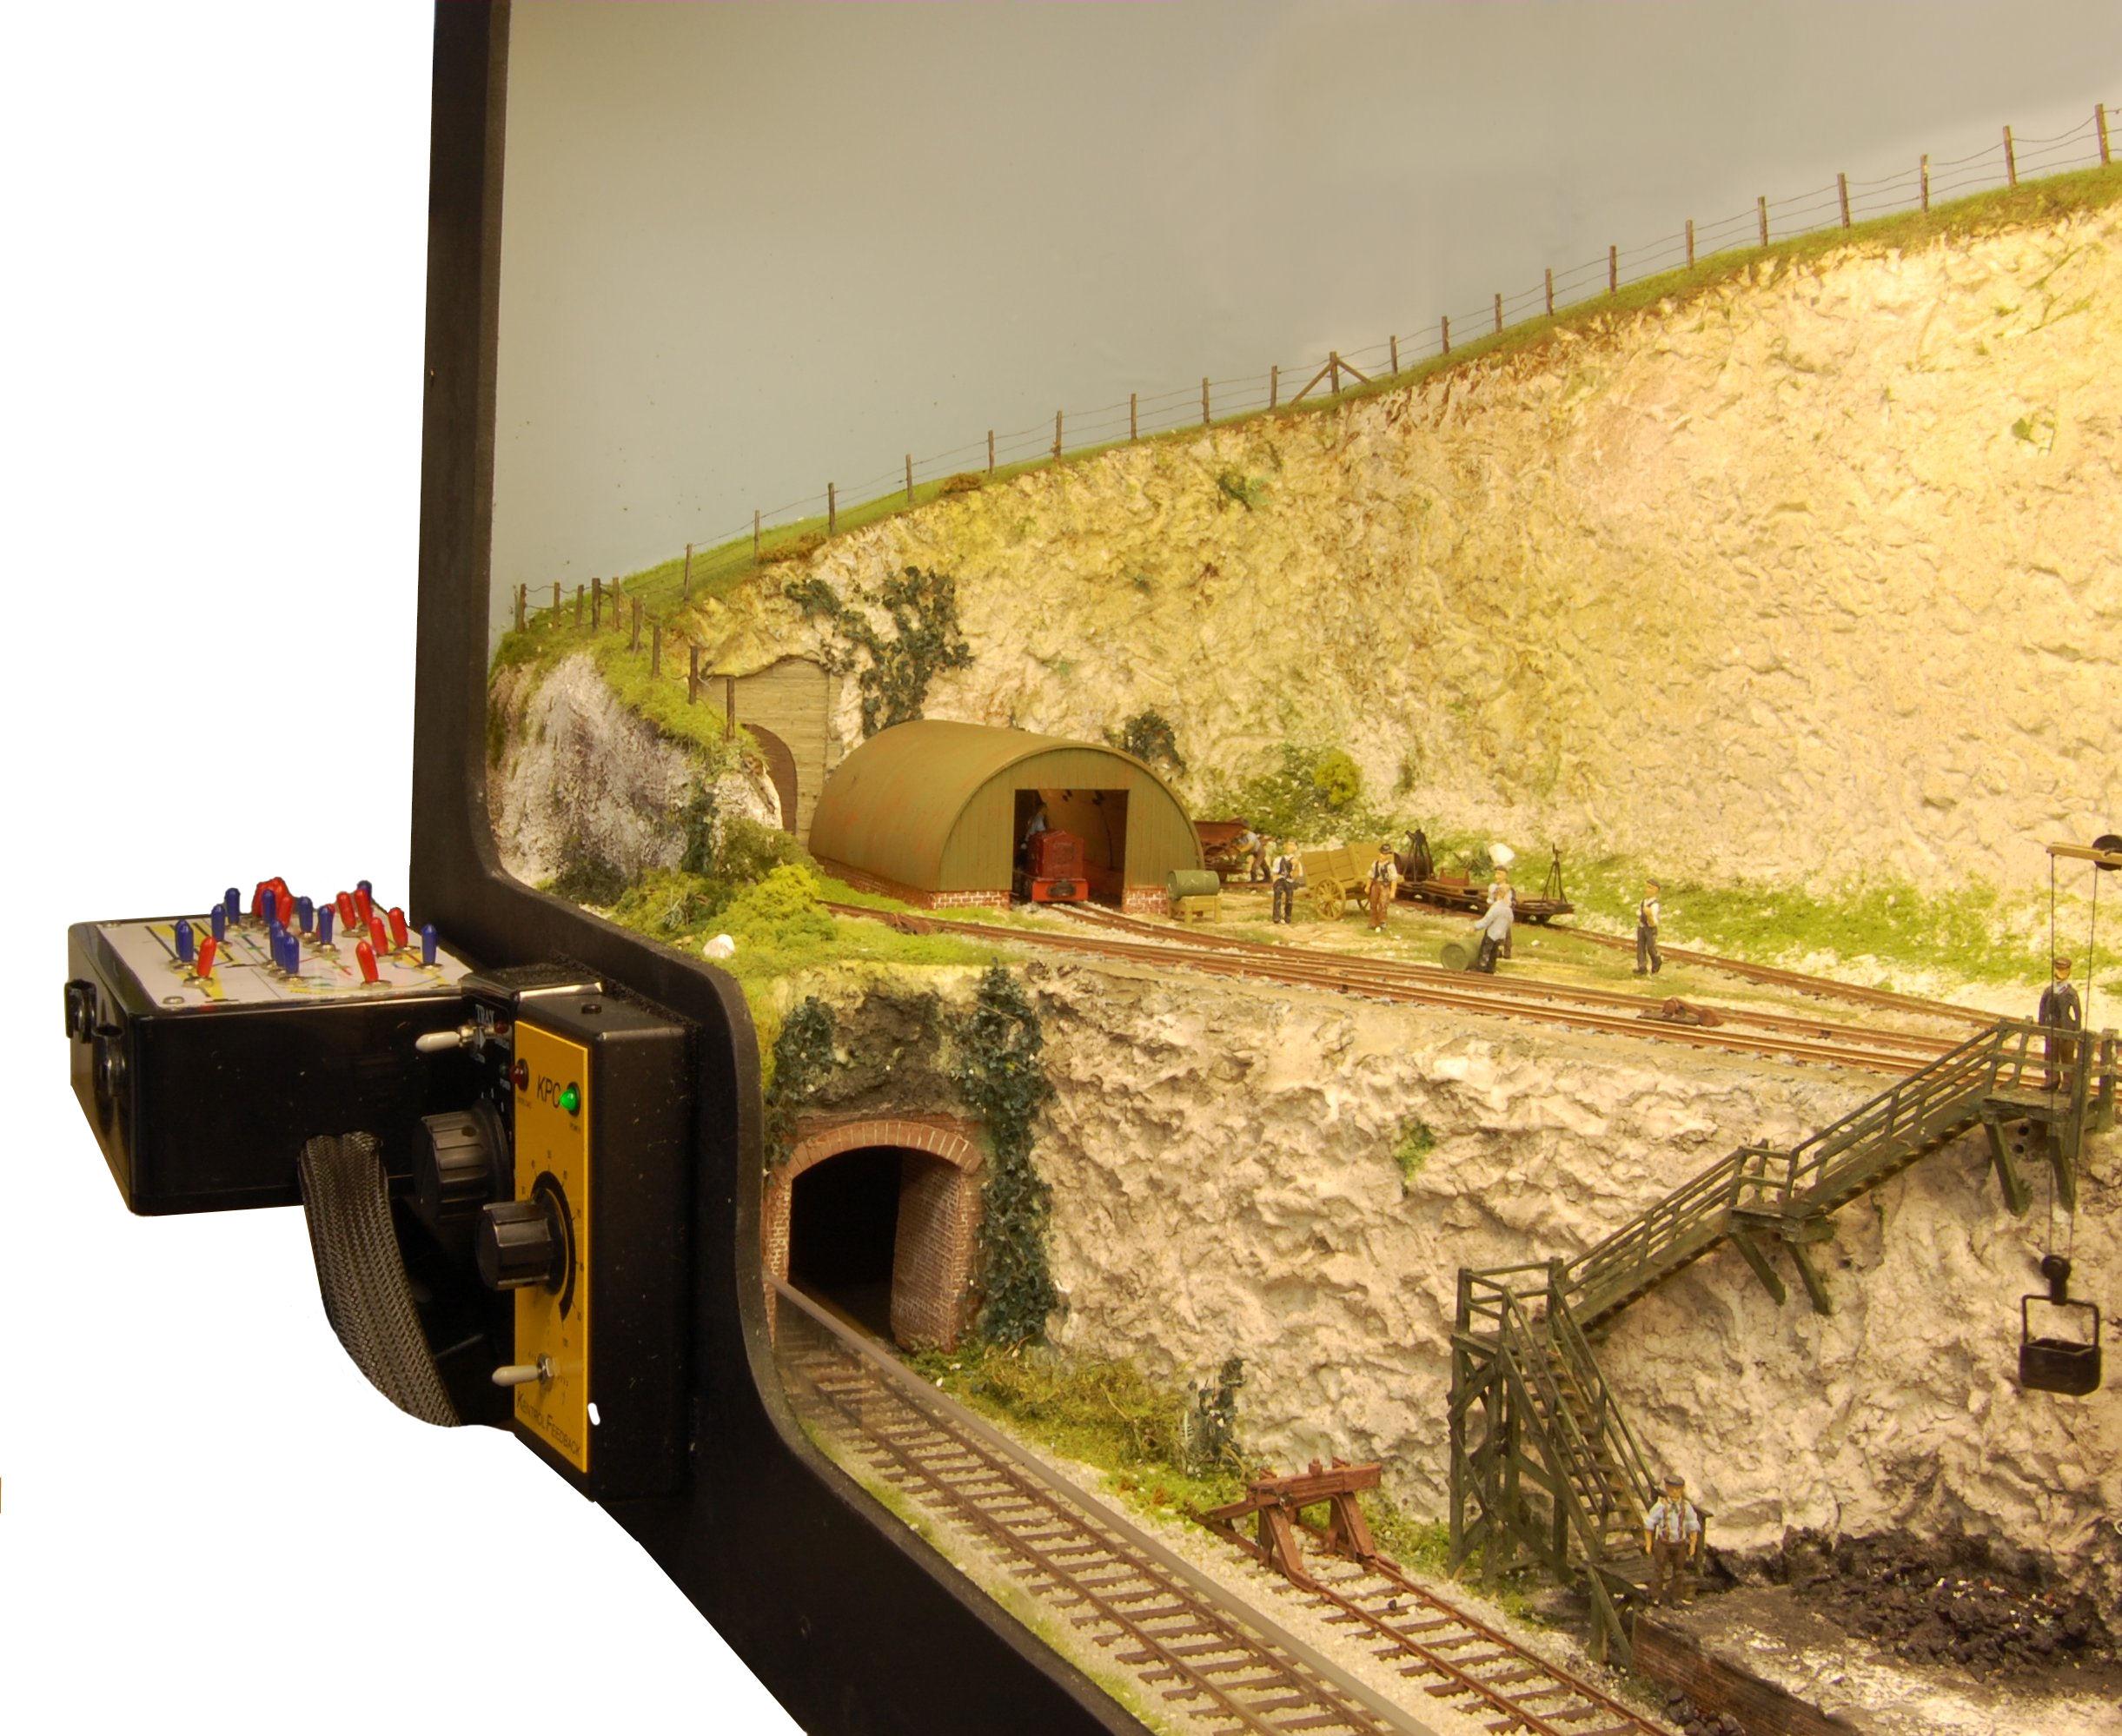 Nigel Lawton 009 Hon30 Hoe Model Rolling Stock Railway